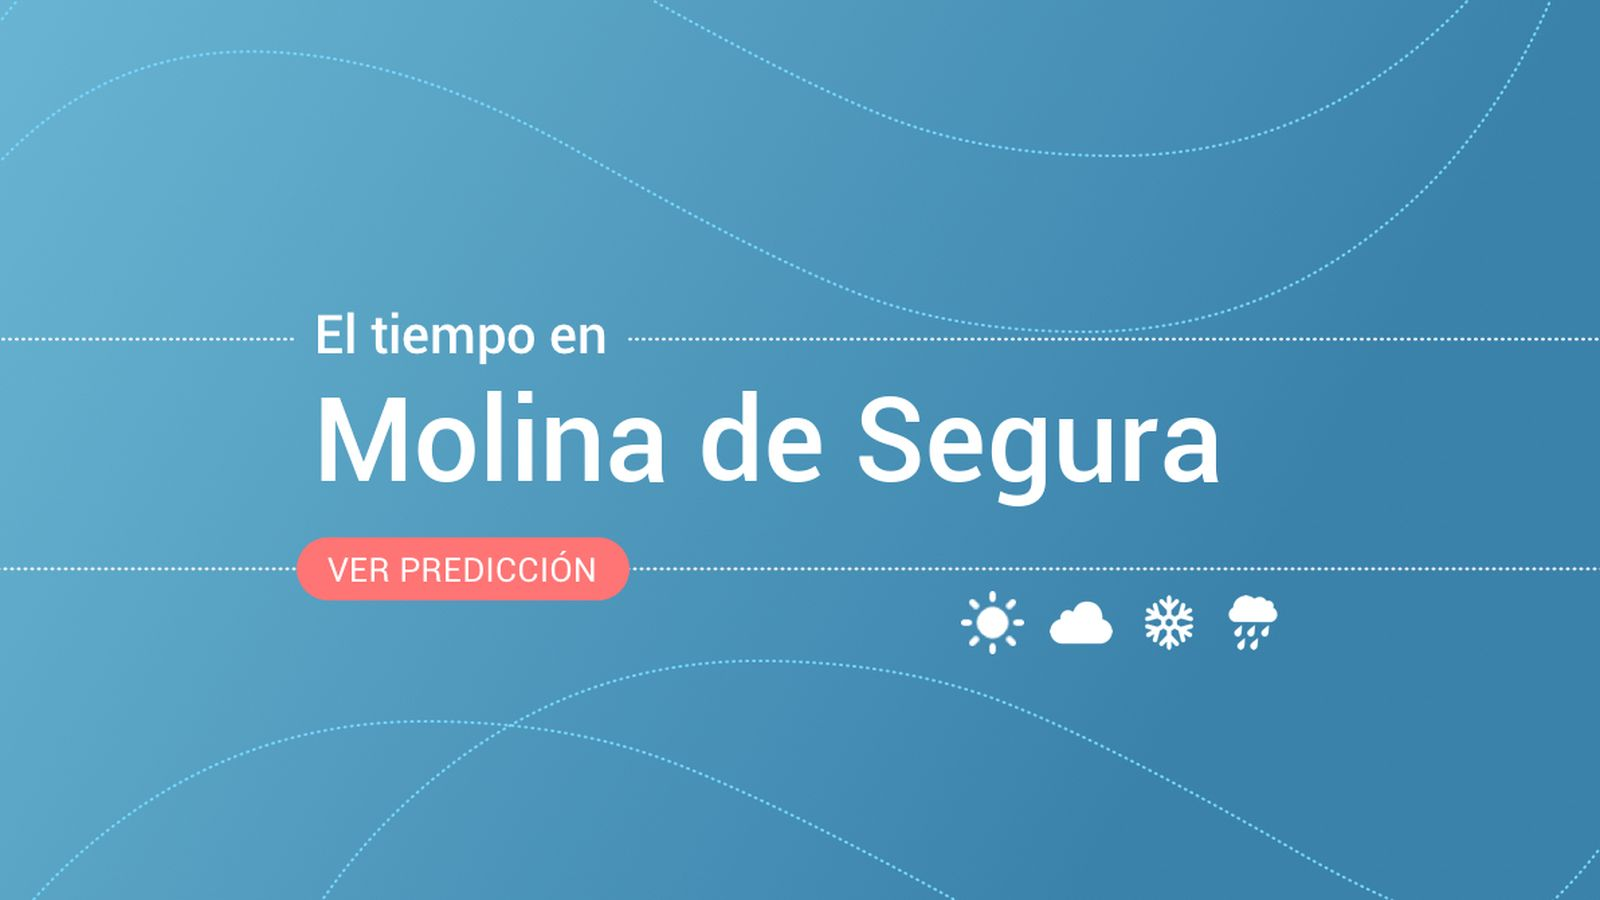 Foto: El tiempo en Molina de Segura. (EC)